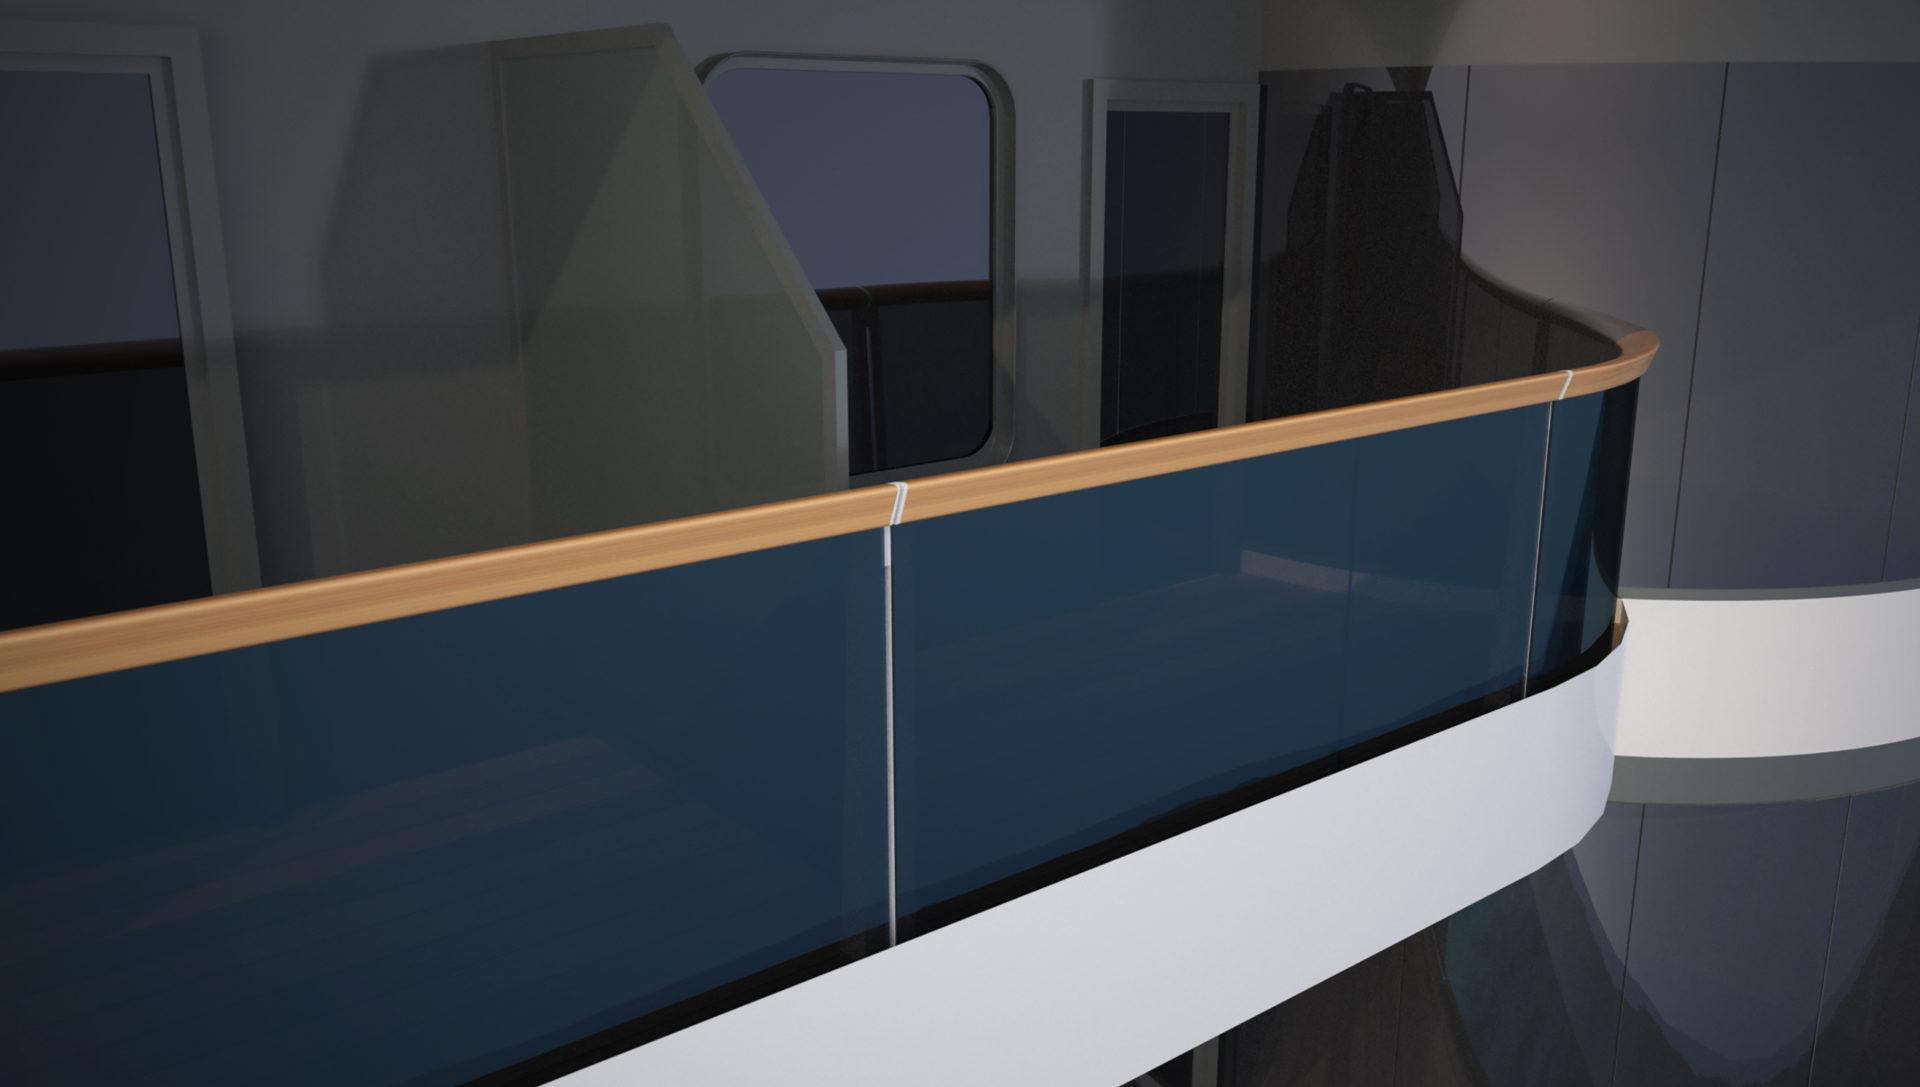 Handrail-Seabourn-V2_retouché